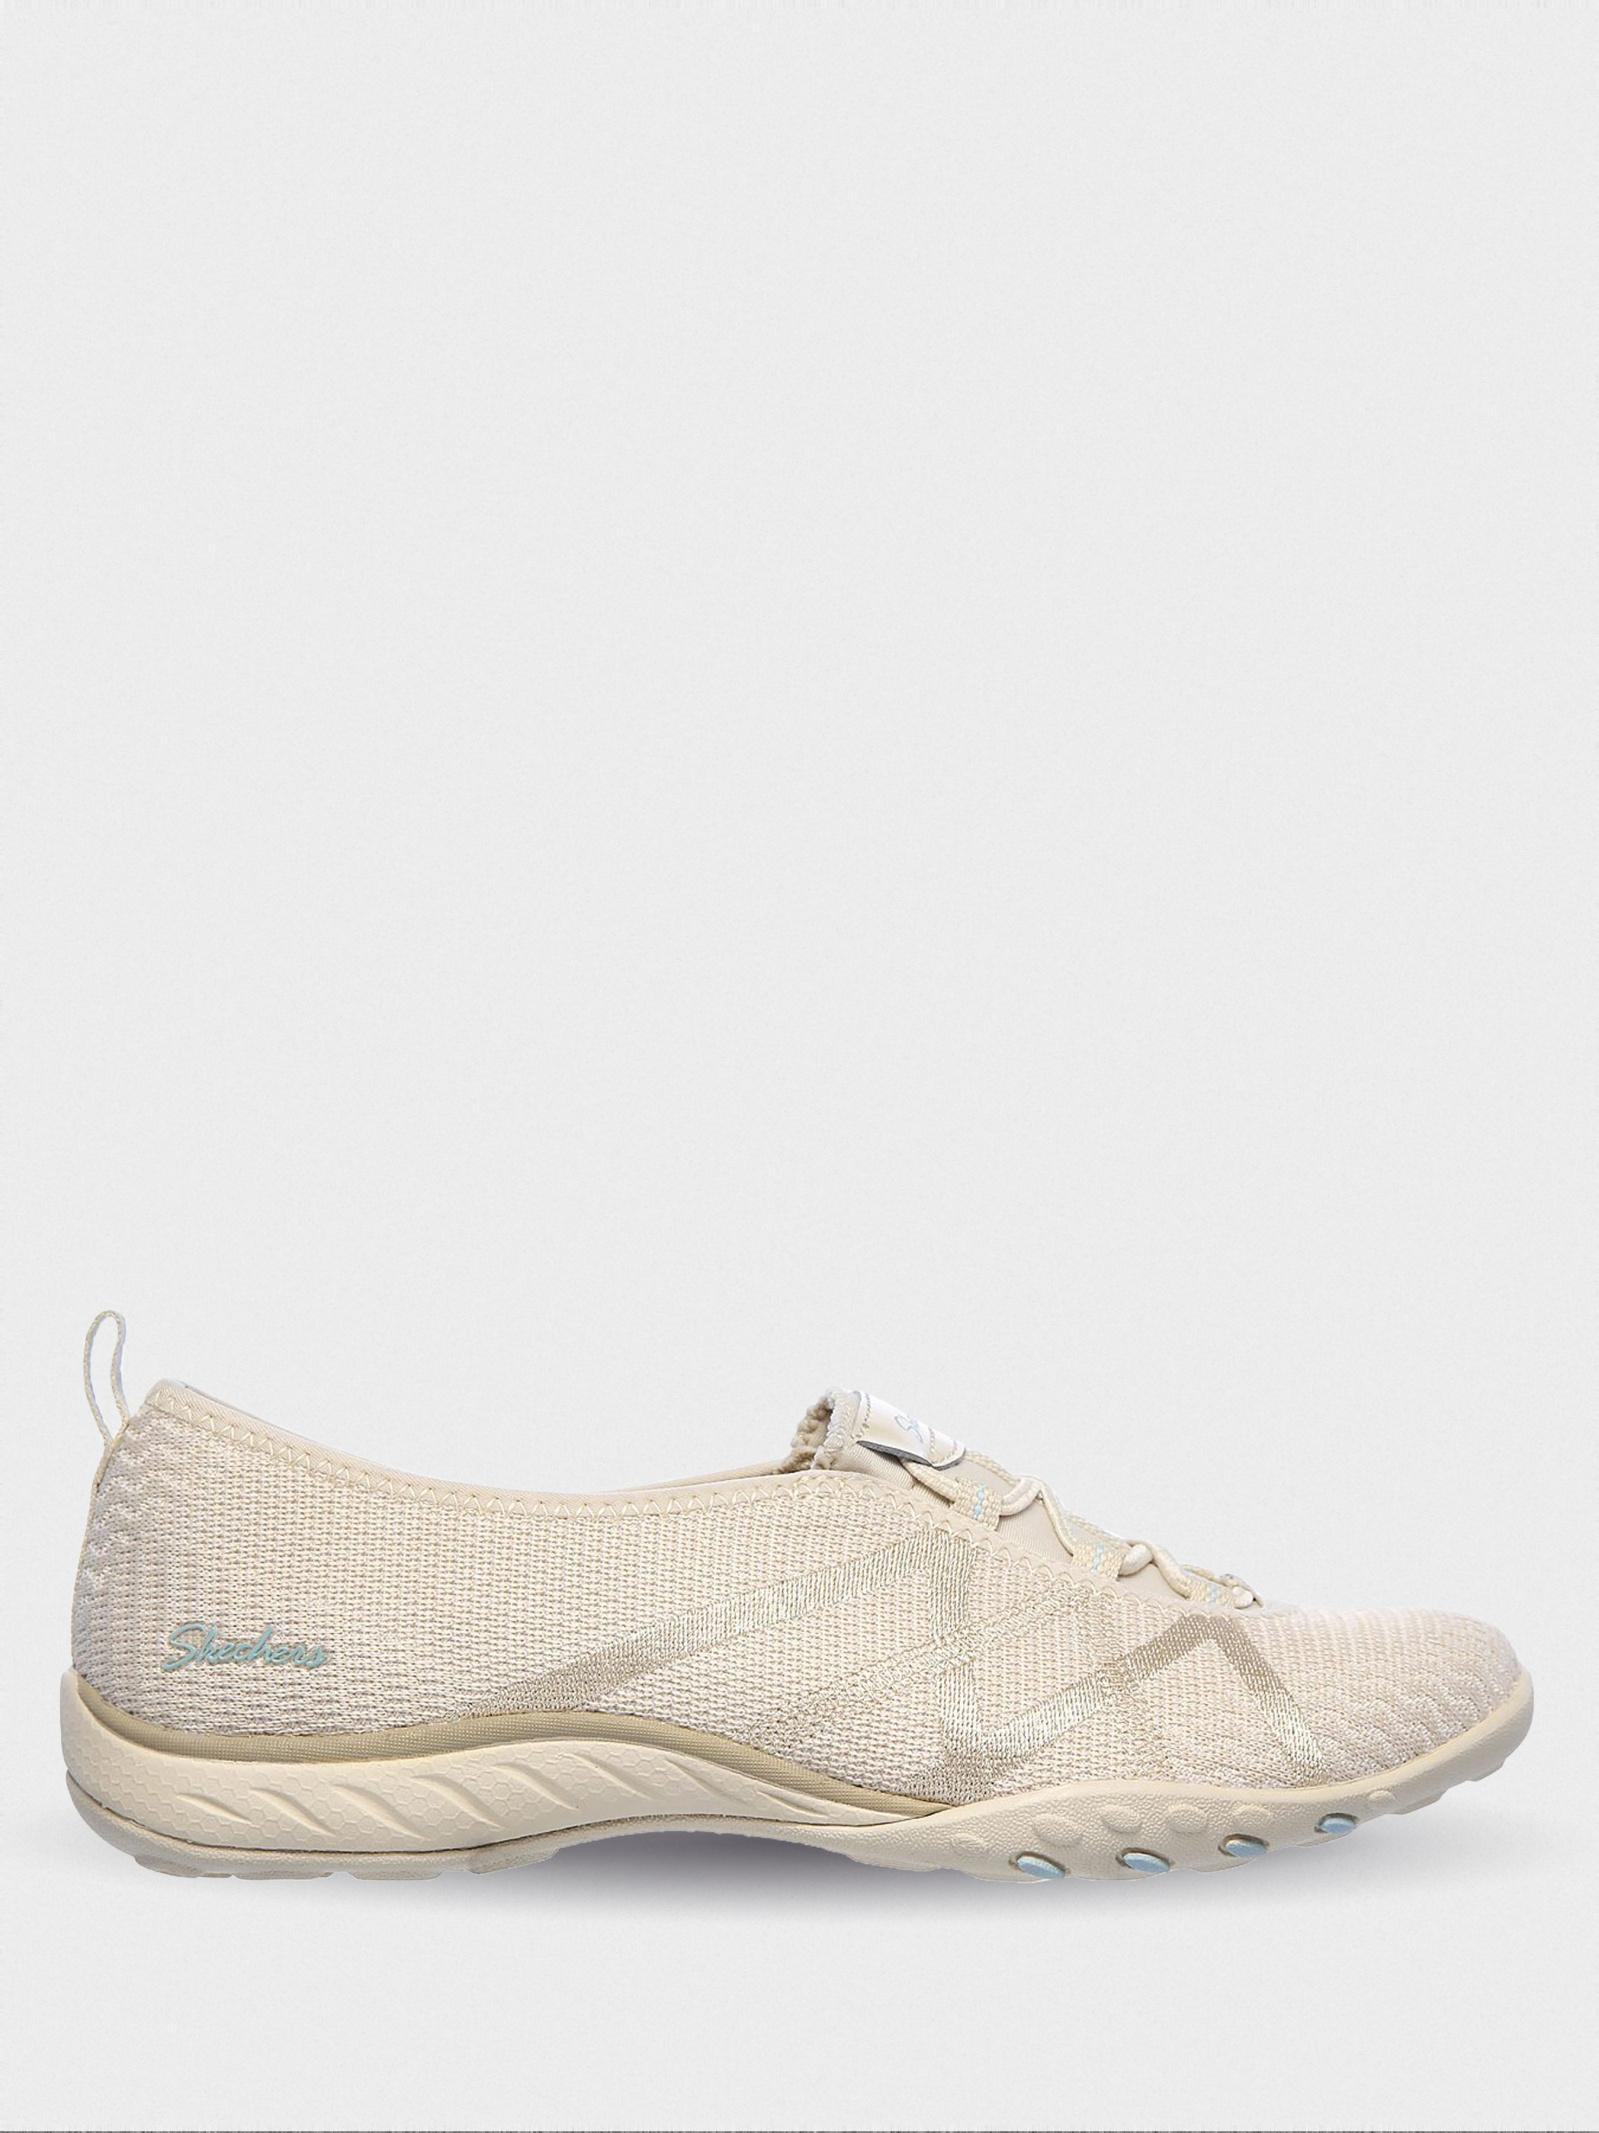 Кроссовки для женщин Skechers Active KW5738 купить обувь, 2017